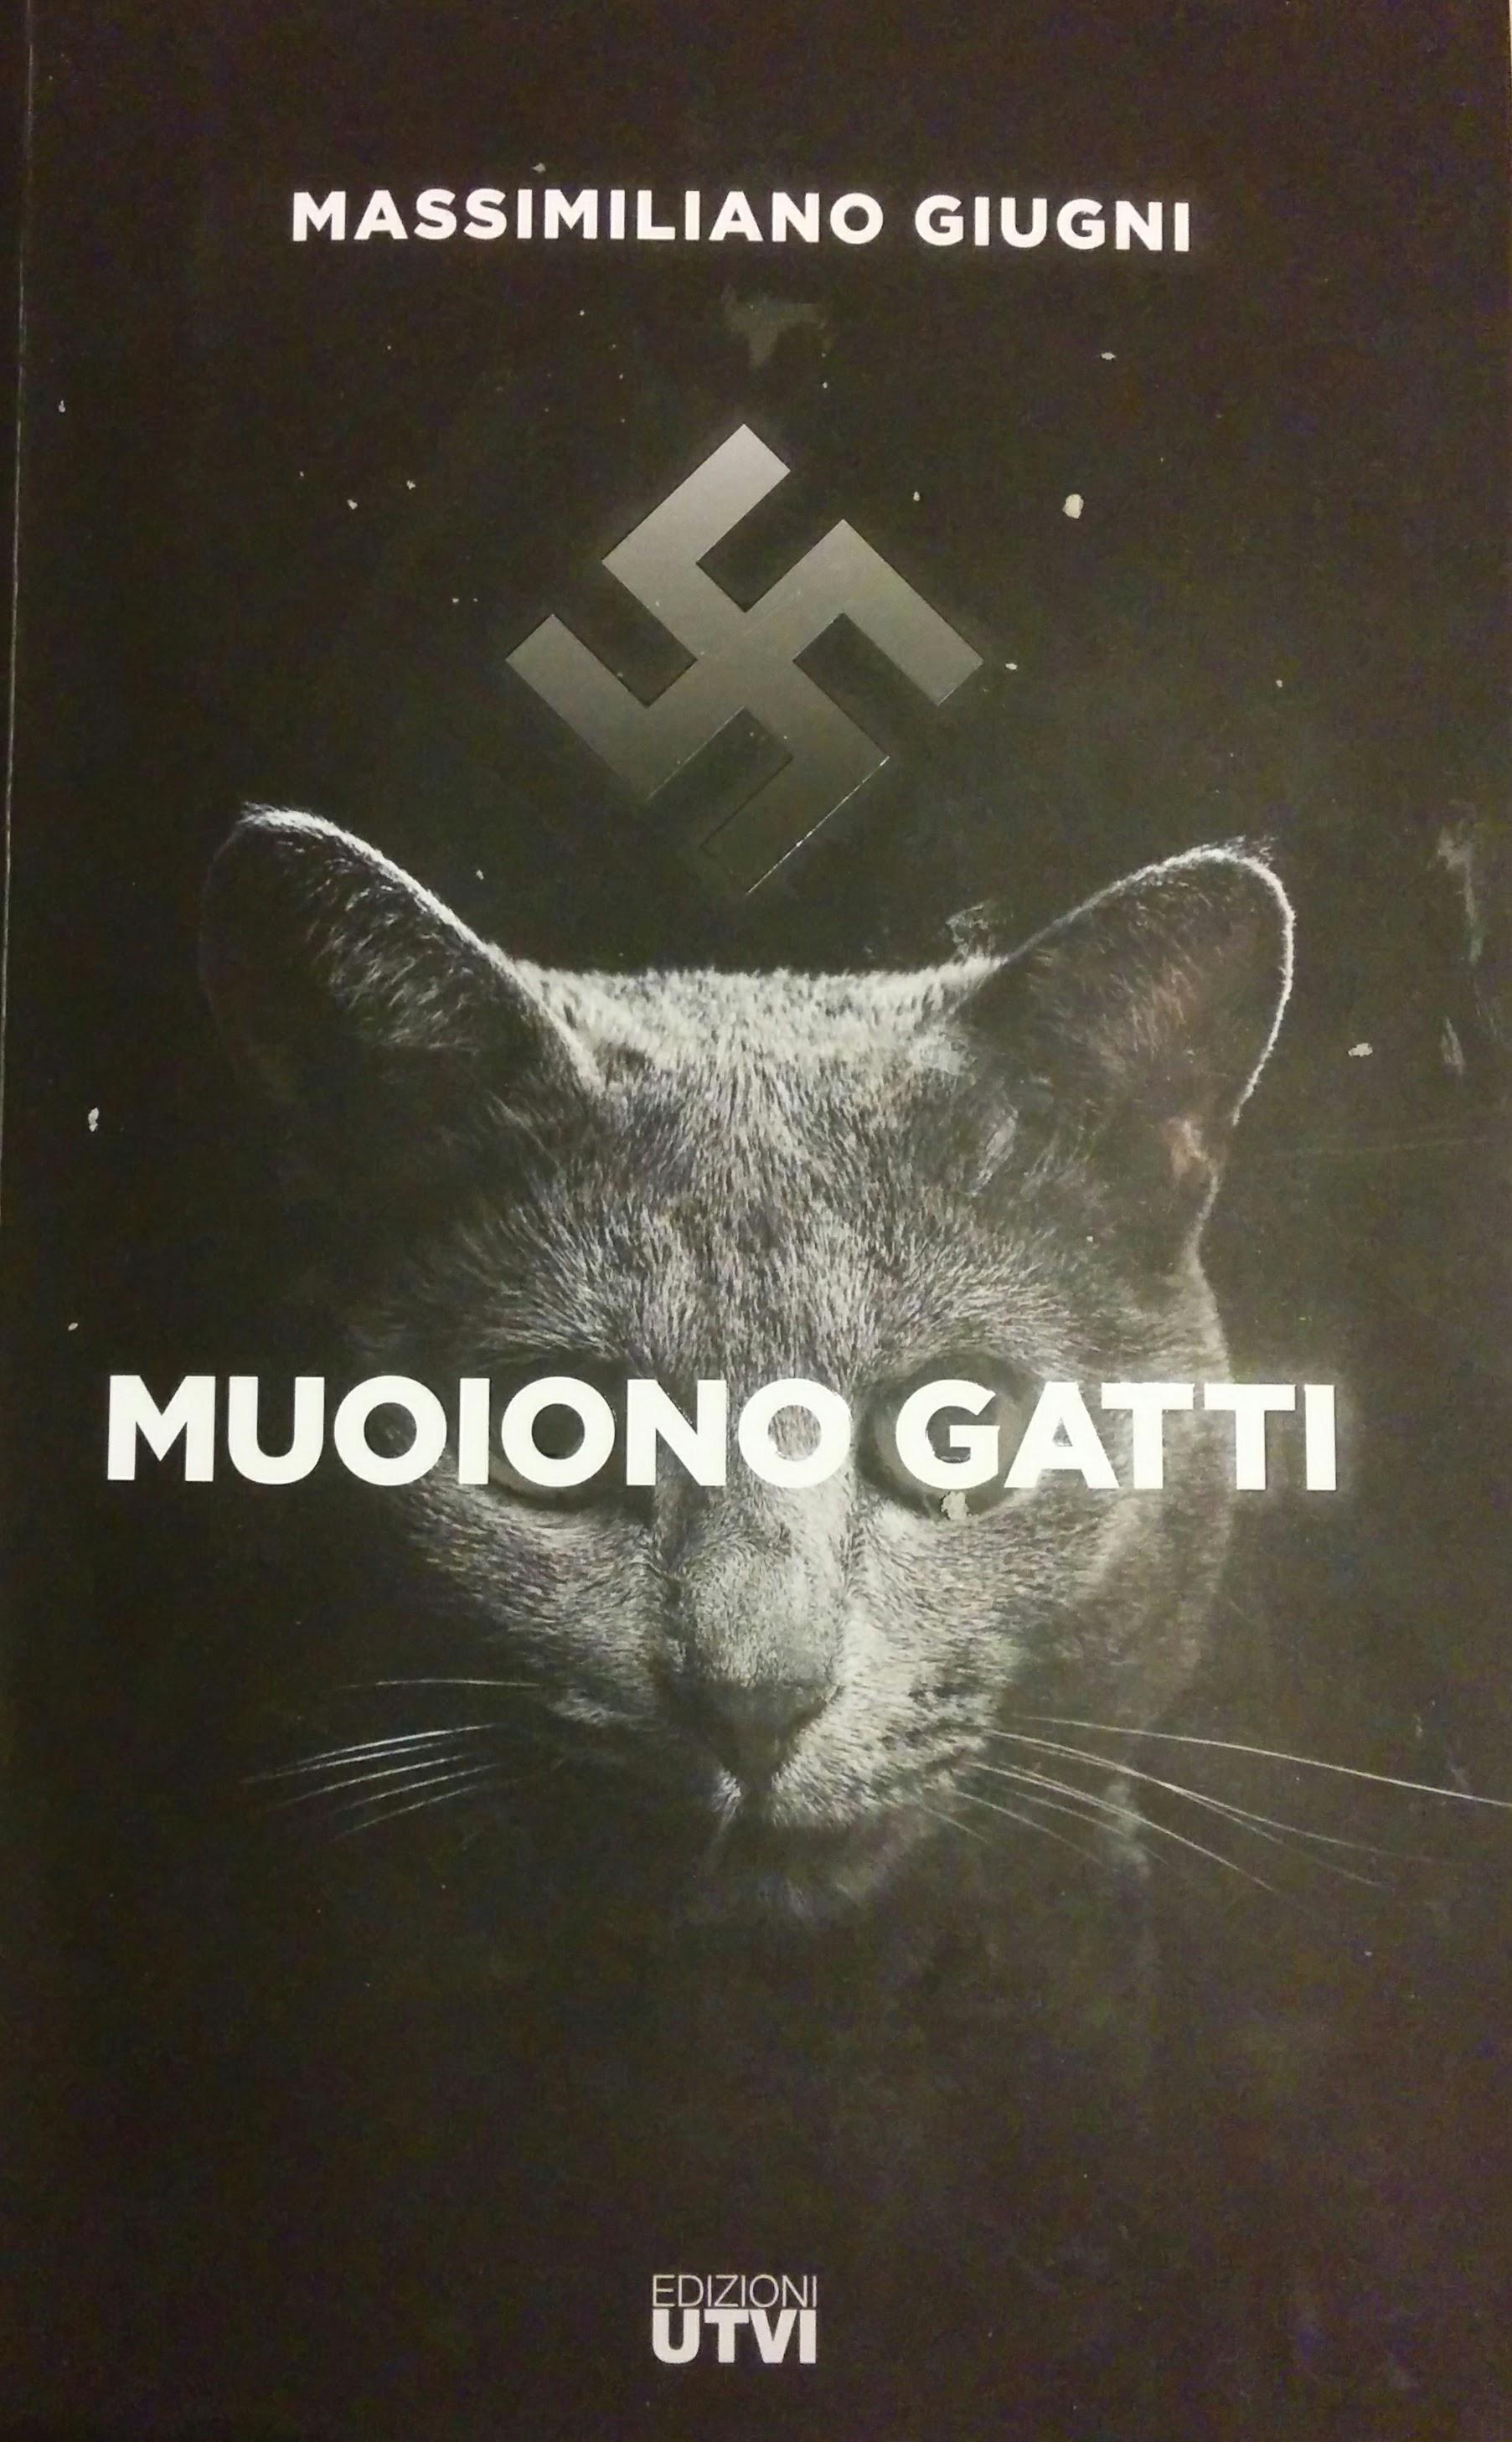 Muoiono gatti